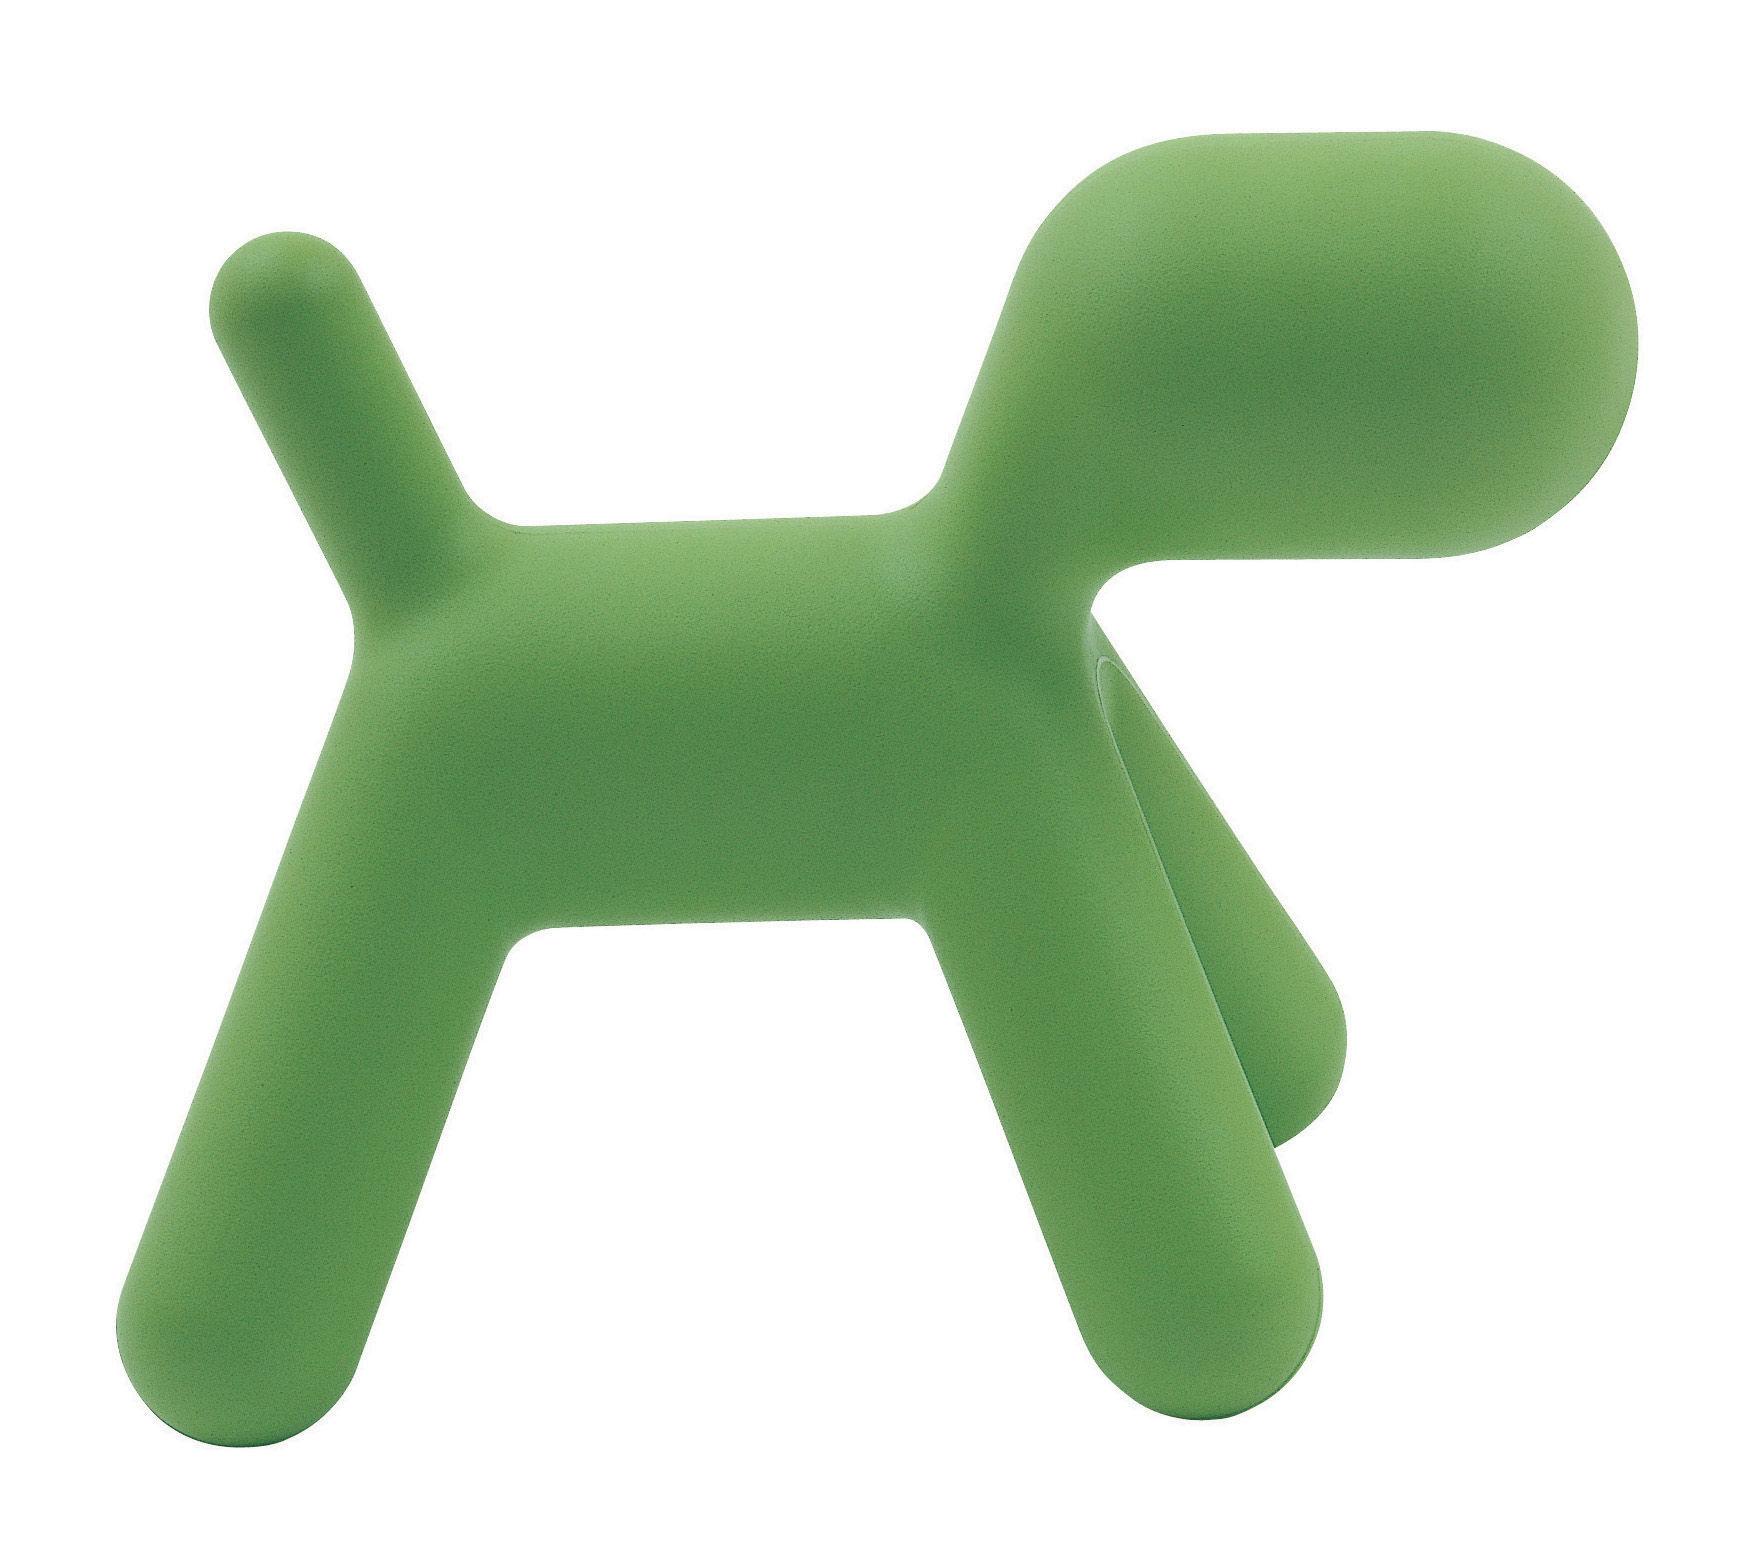 Arredamento - Mobili per bambini - Sedia per bambino Puppy Medium di Magis Collection Me Too - Verde Medio - Polietilene